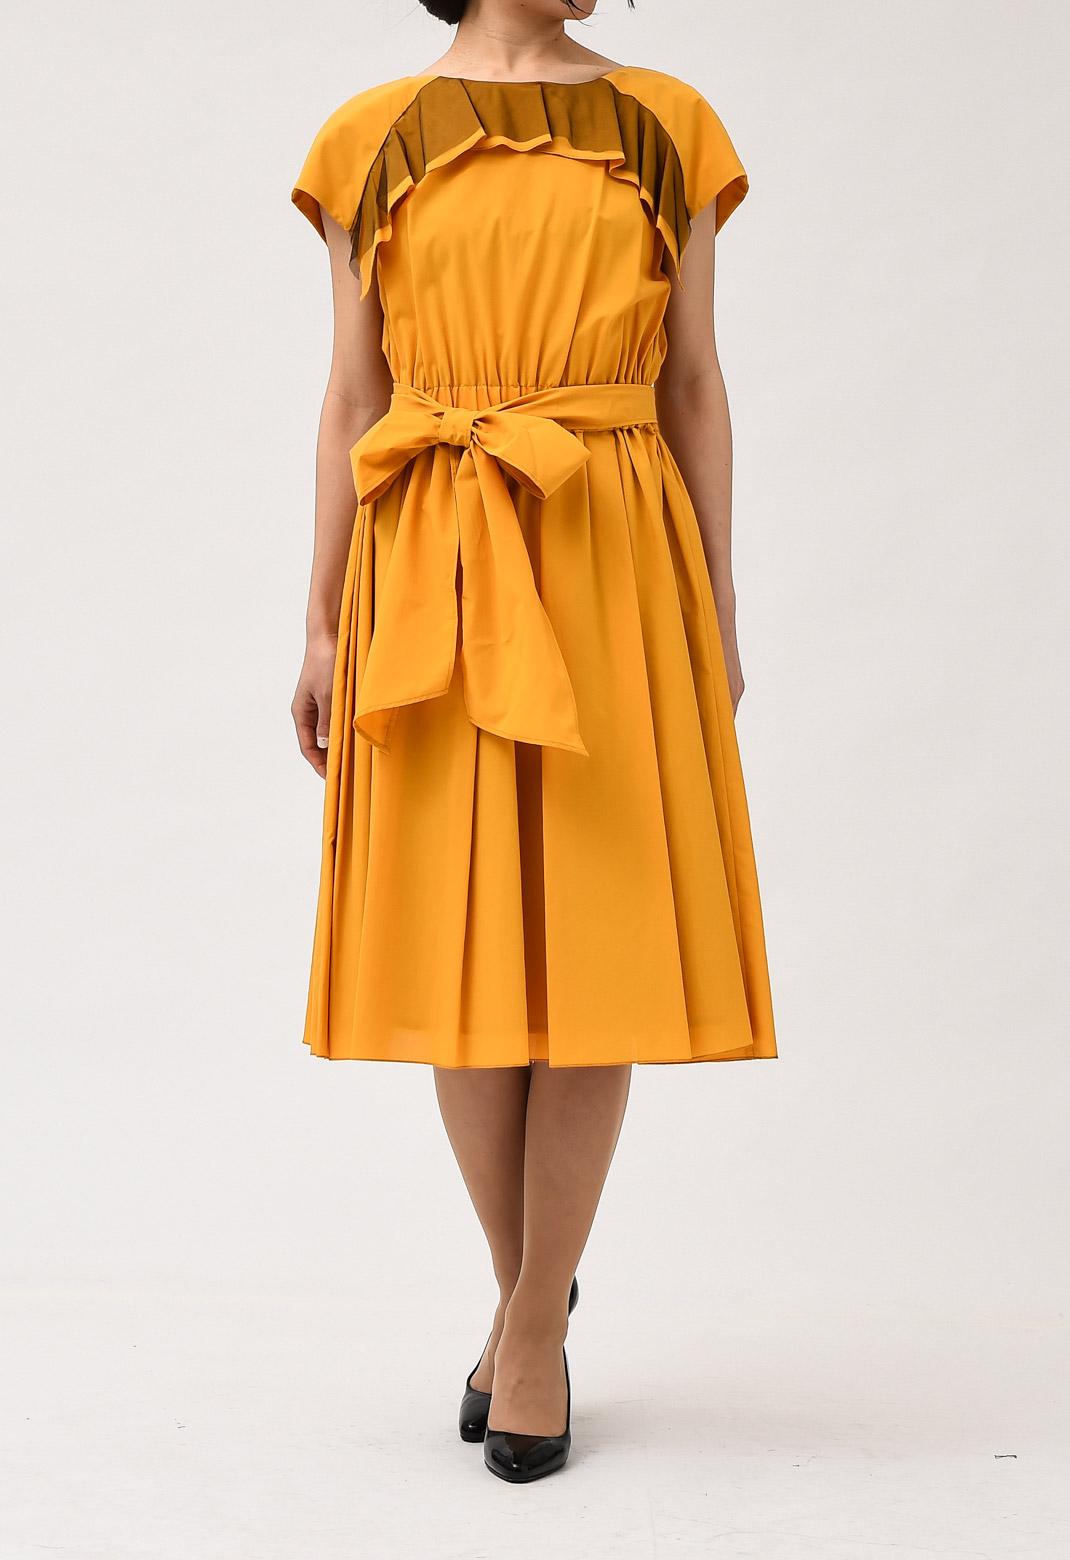 ウエストリボン付き ミモレ丈 半袖 ドレス